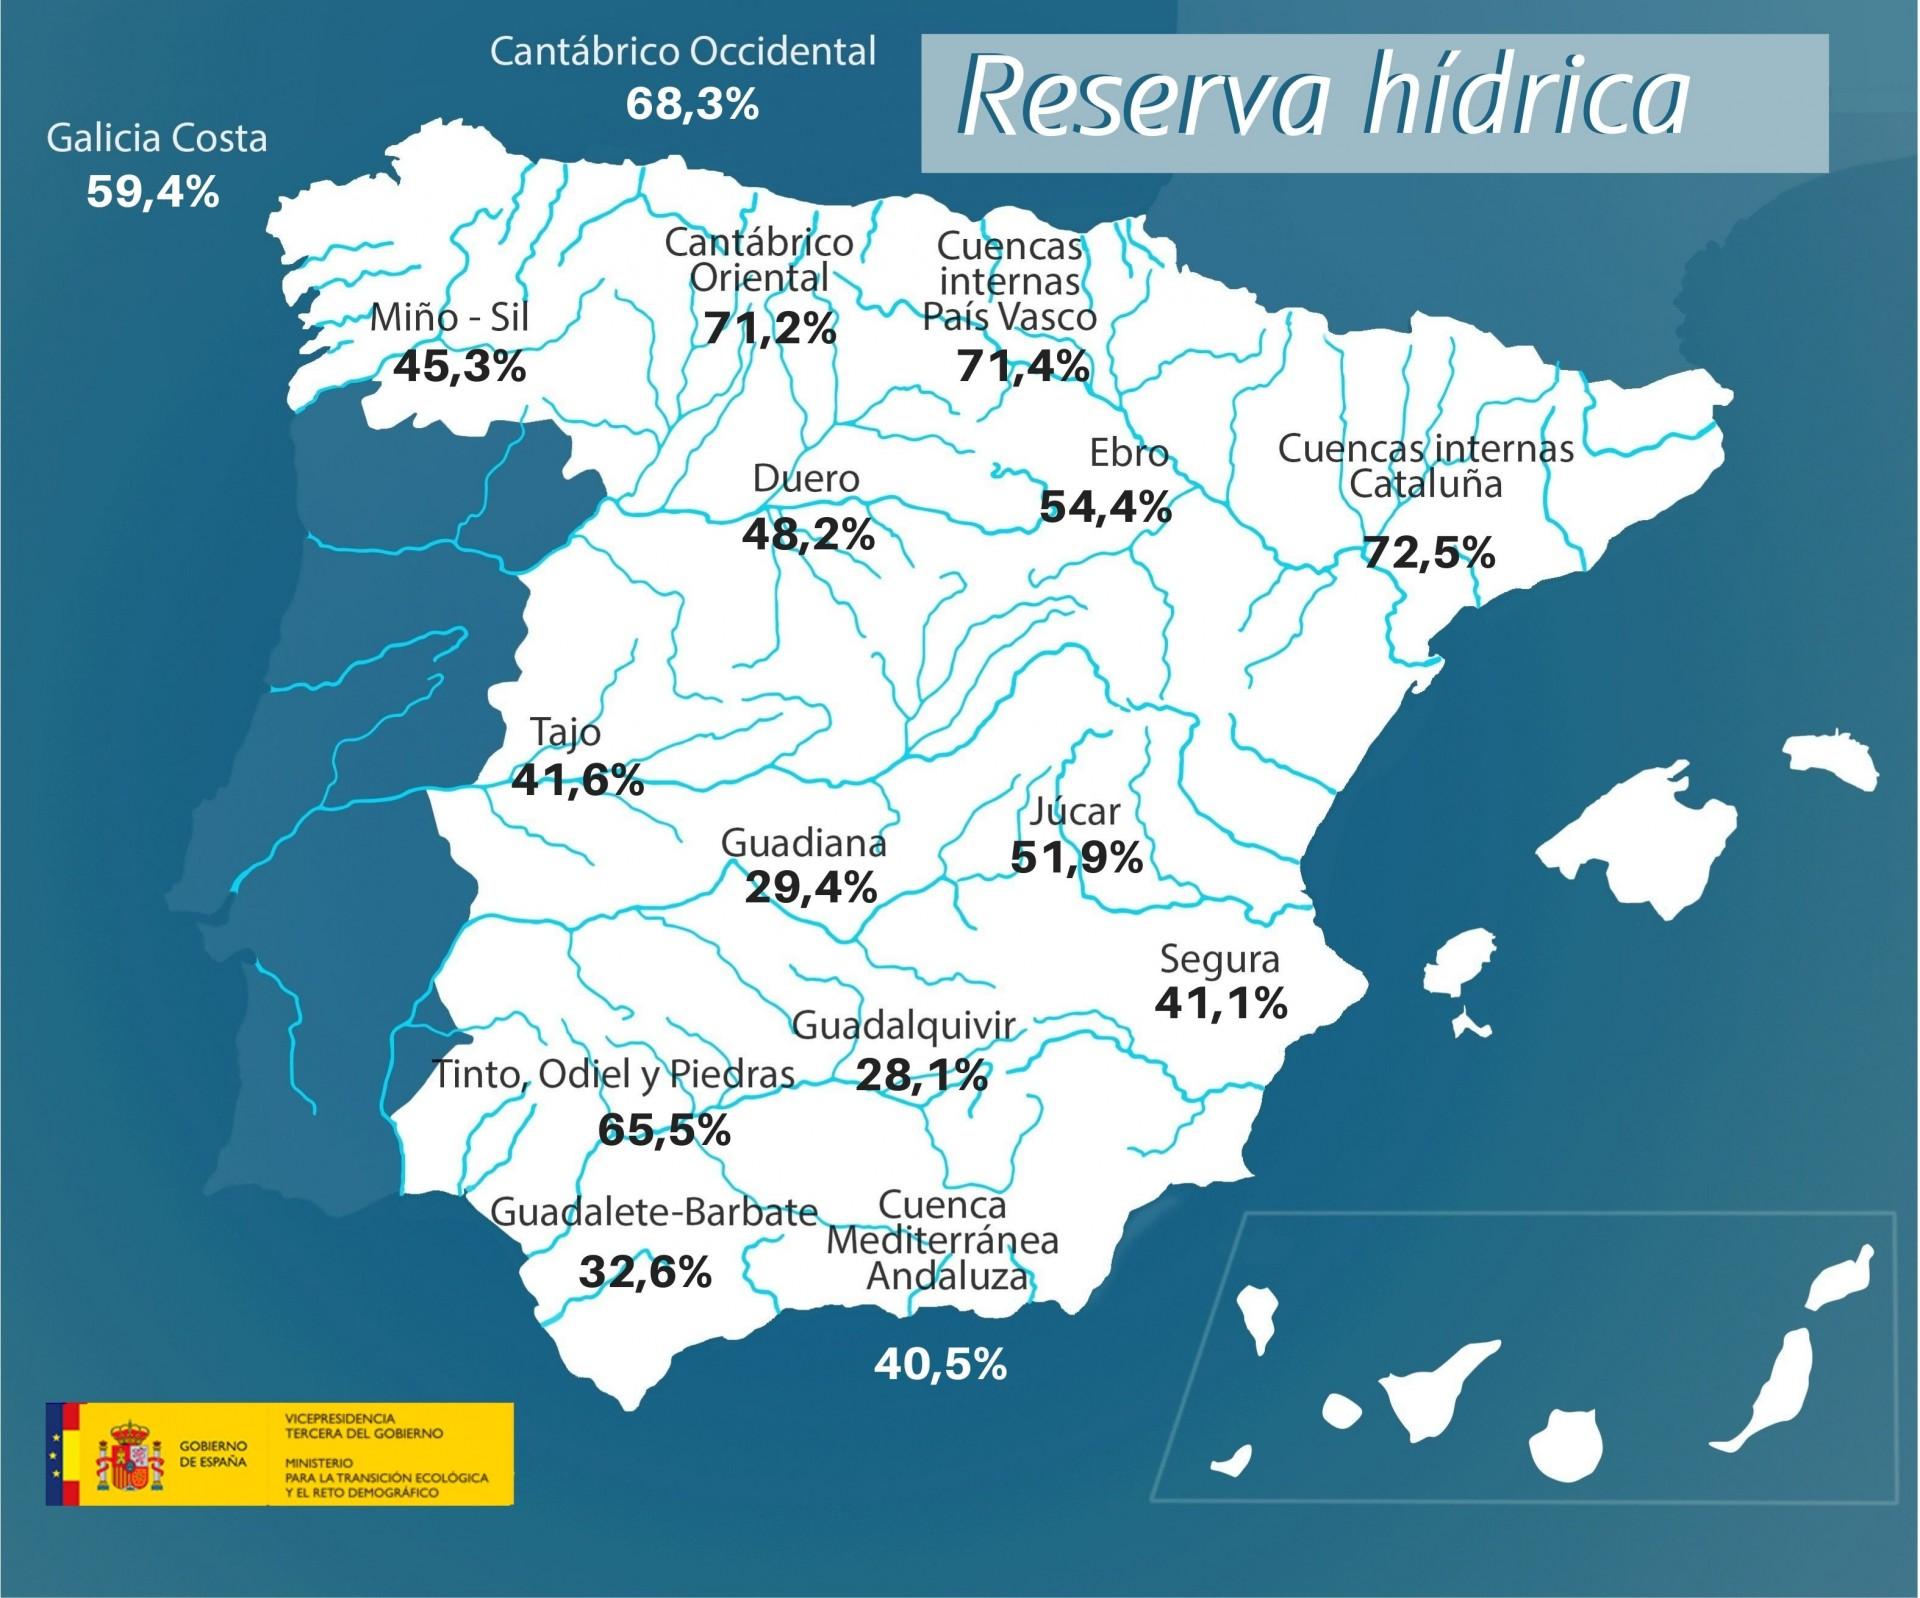 La reserva hídrica española se encuentra al 41,7 por ciento de su capacidad - 0